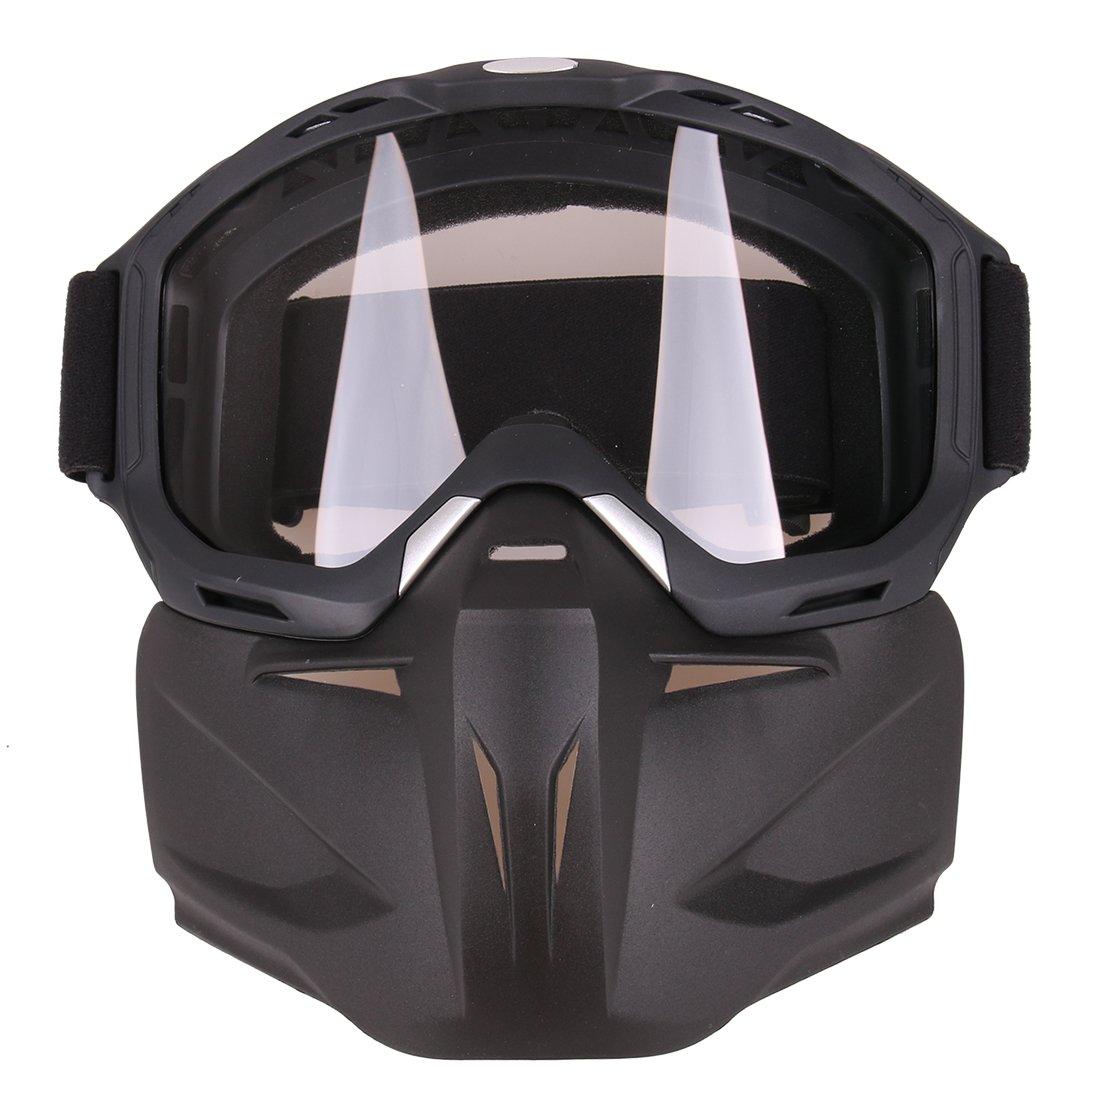 LoKauf Gesichtsmaske Schutzmaske Goggles Mask Masken-Gläser für Nerf CS